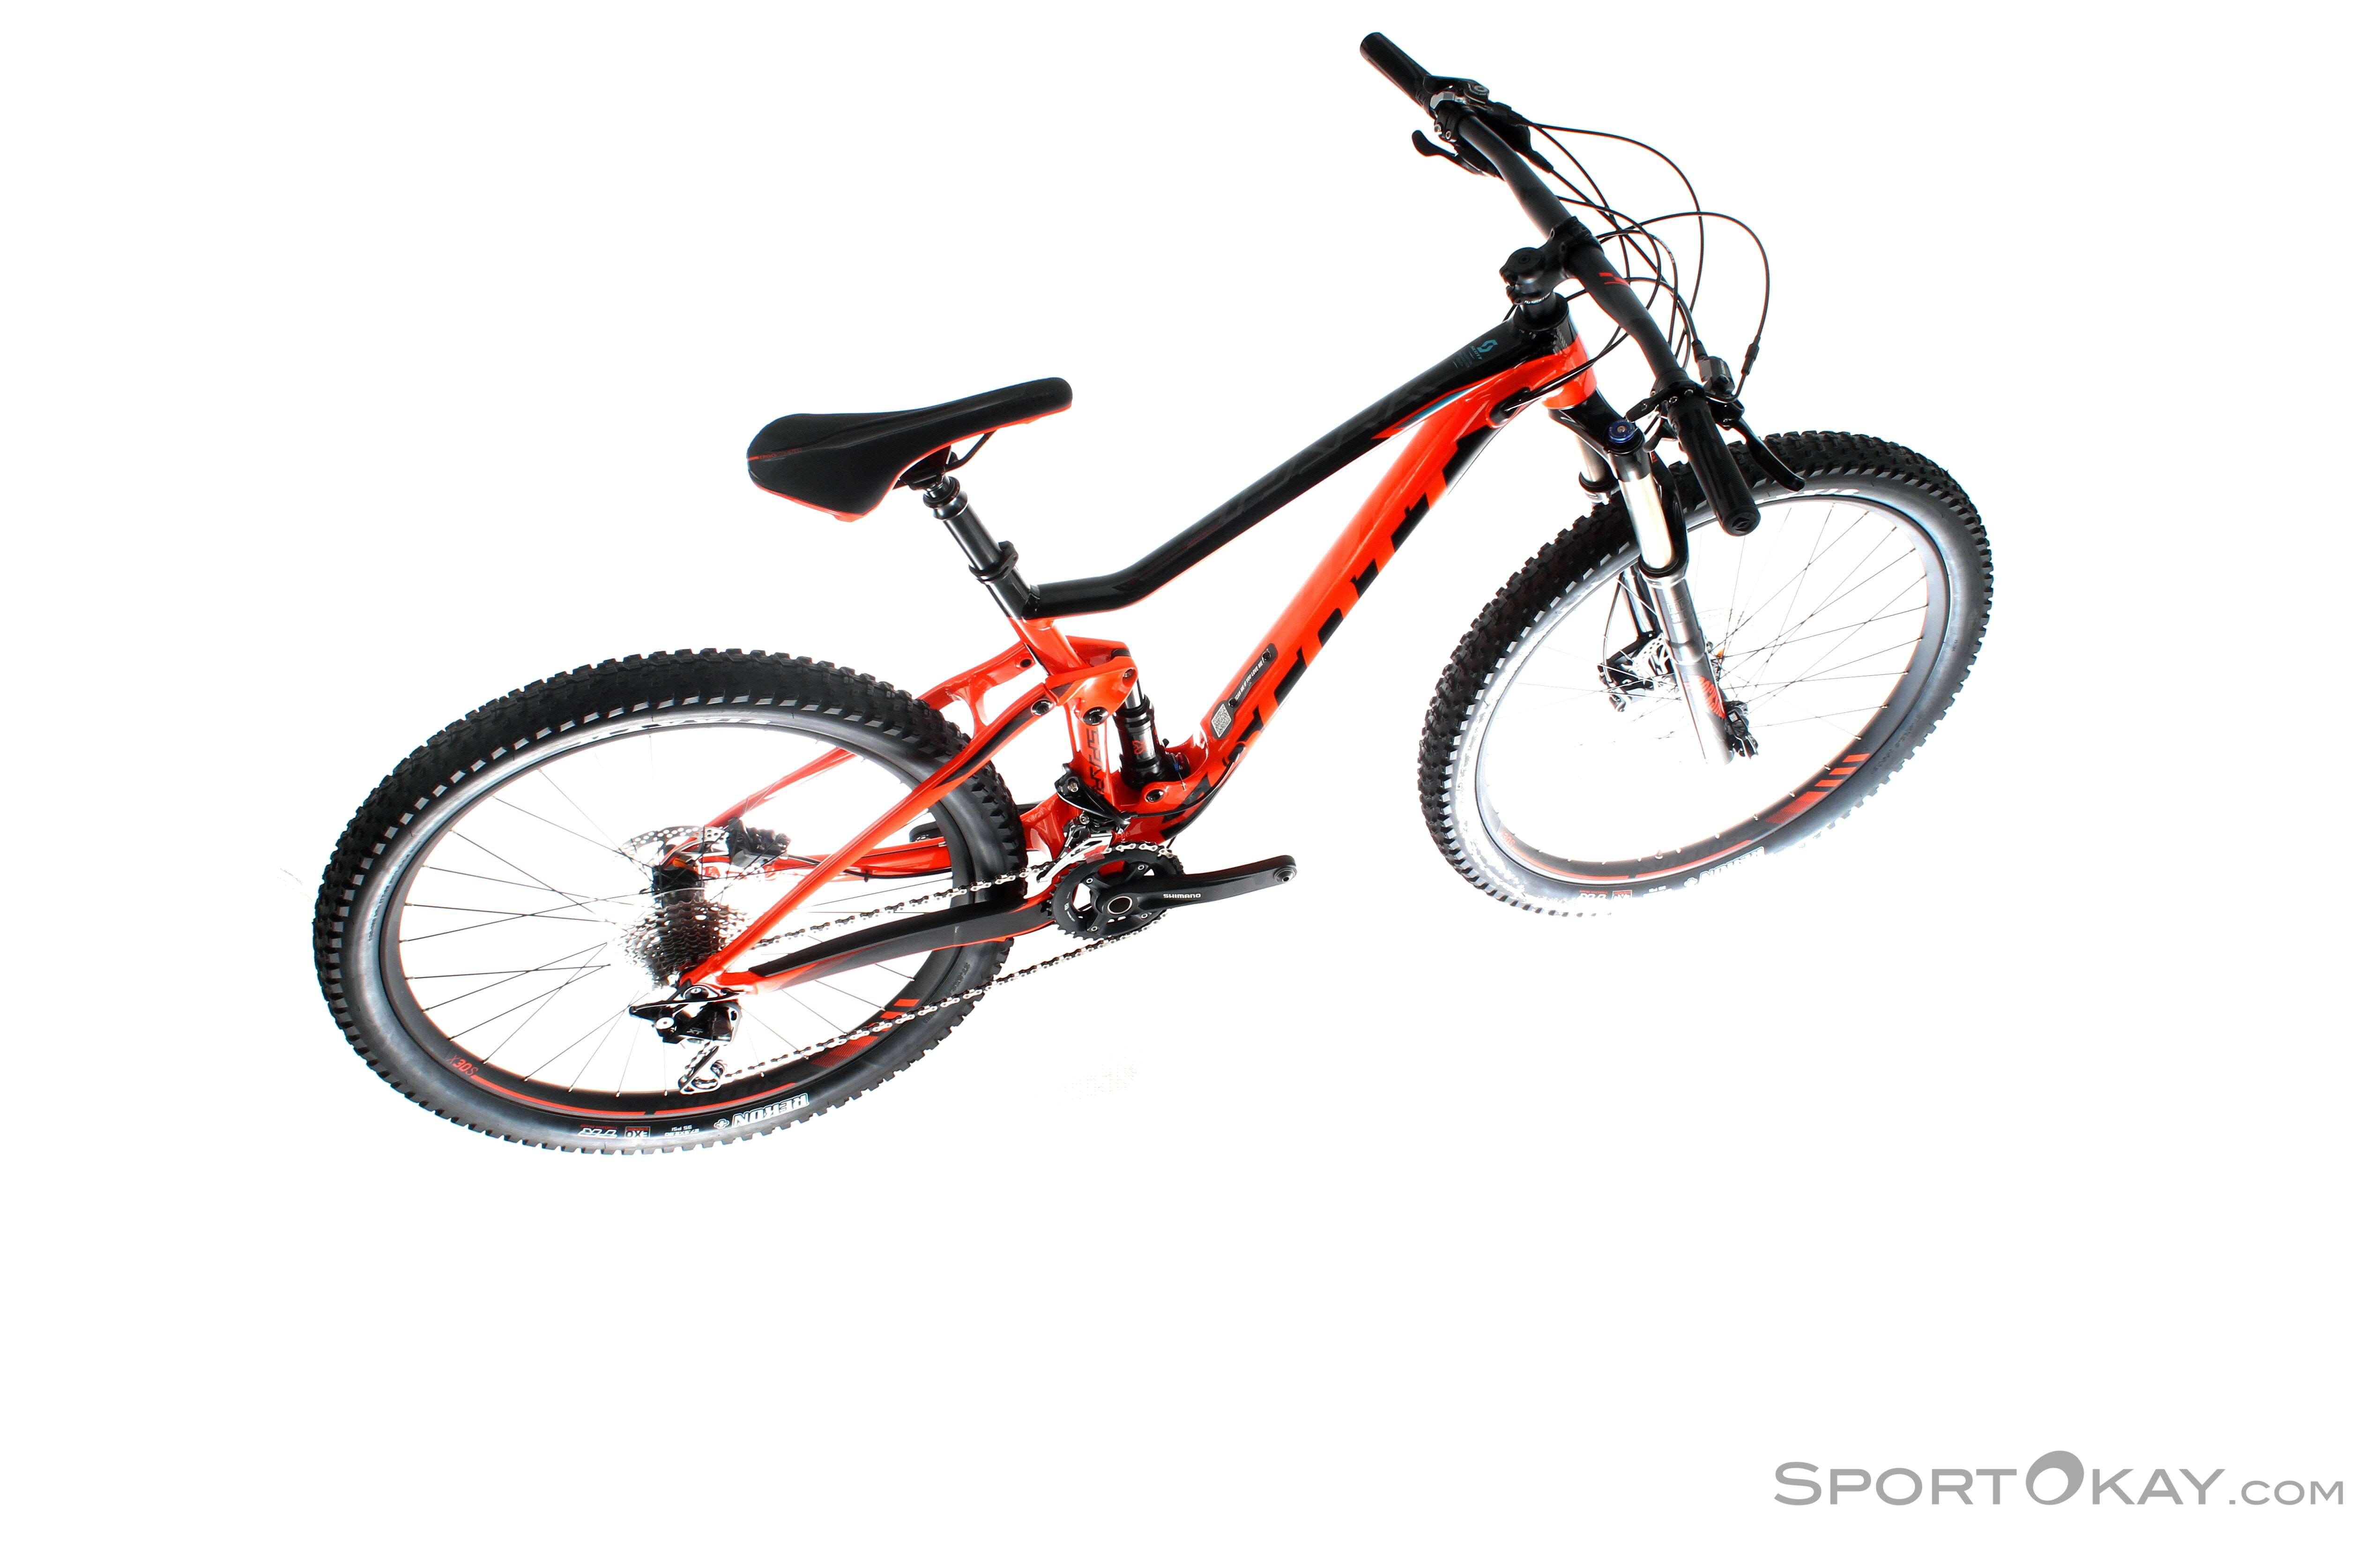 db7fbd37c3 Scott Spark 730 2018 Bicicletta Trail , Scott, Arancione, , Uomo, 0023-